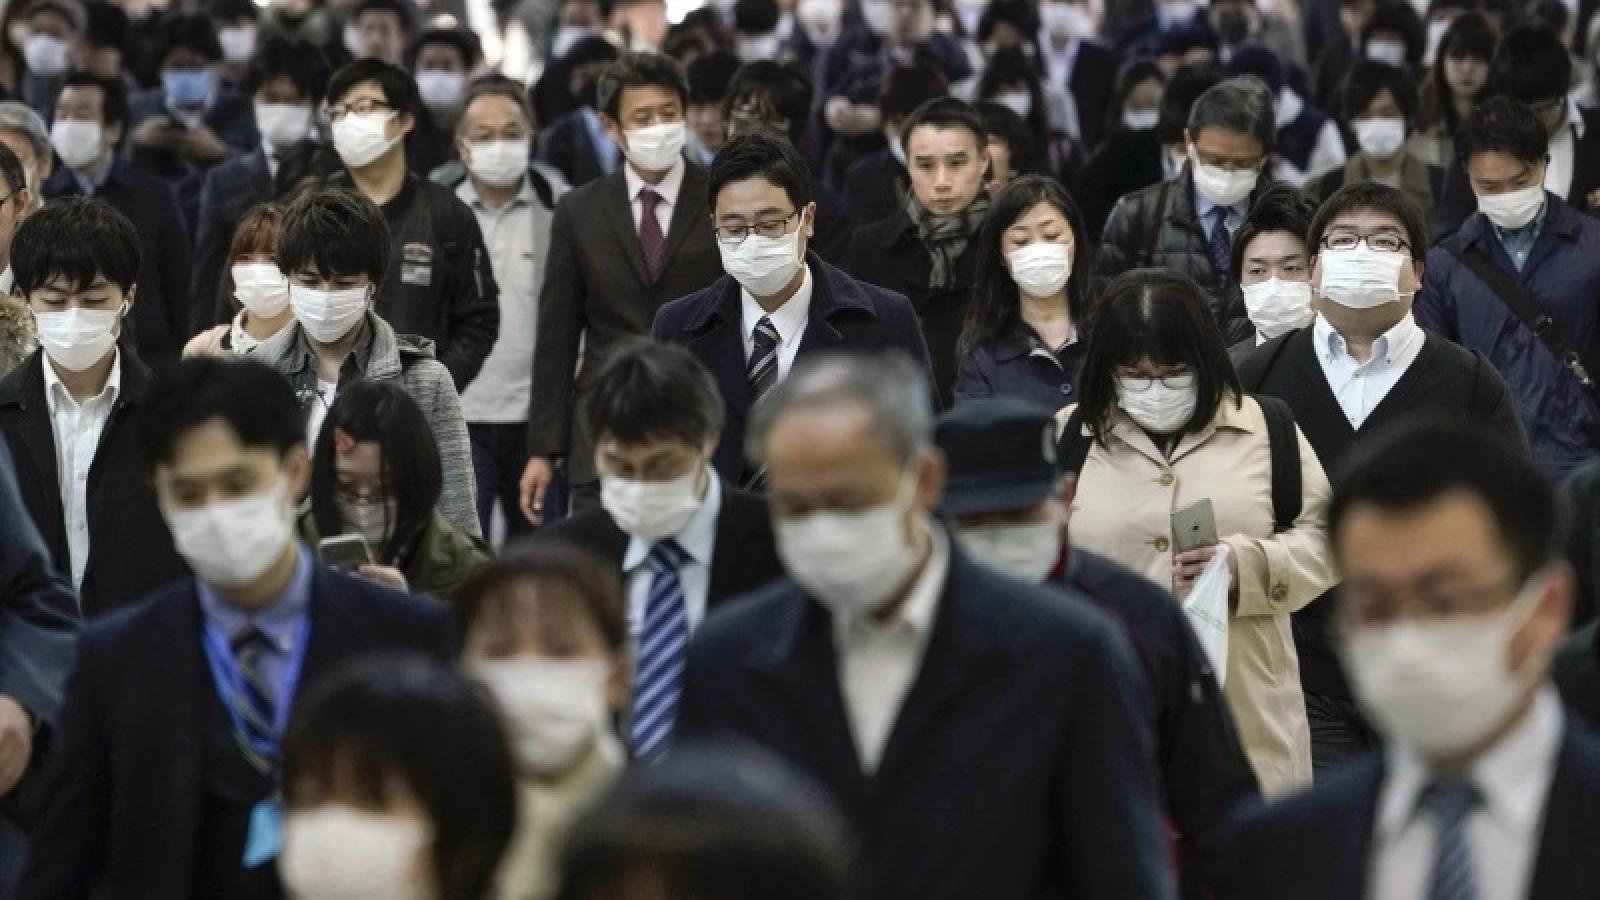 Nhật Bản sắp bỏ tình trạng khẩn cấp Covid-19, Thái Lan sẽ sản xuất vaccine AstraZeneca